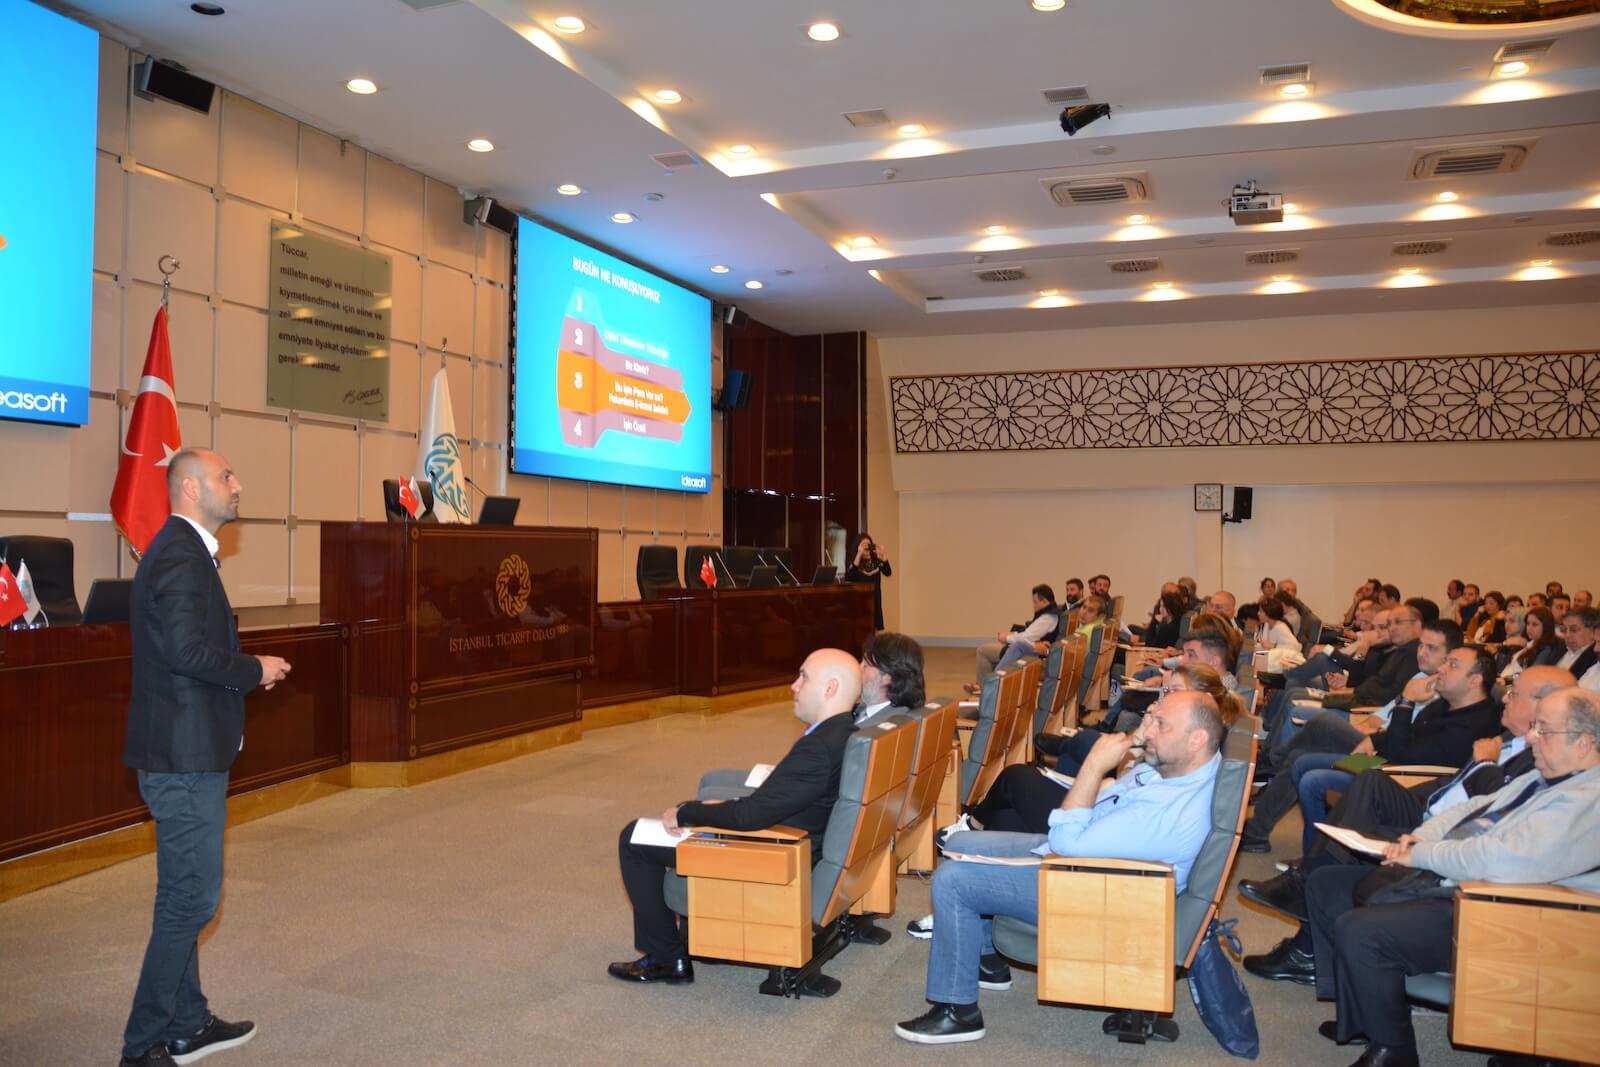 IdeaSoft İstanbul Ticaret Odası Semineri Eray Cemal Şentürk Konuşma